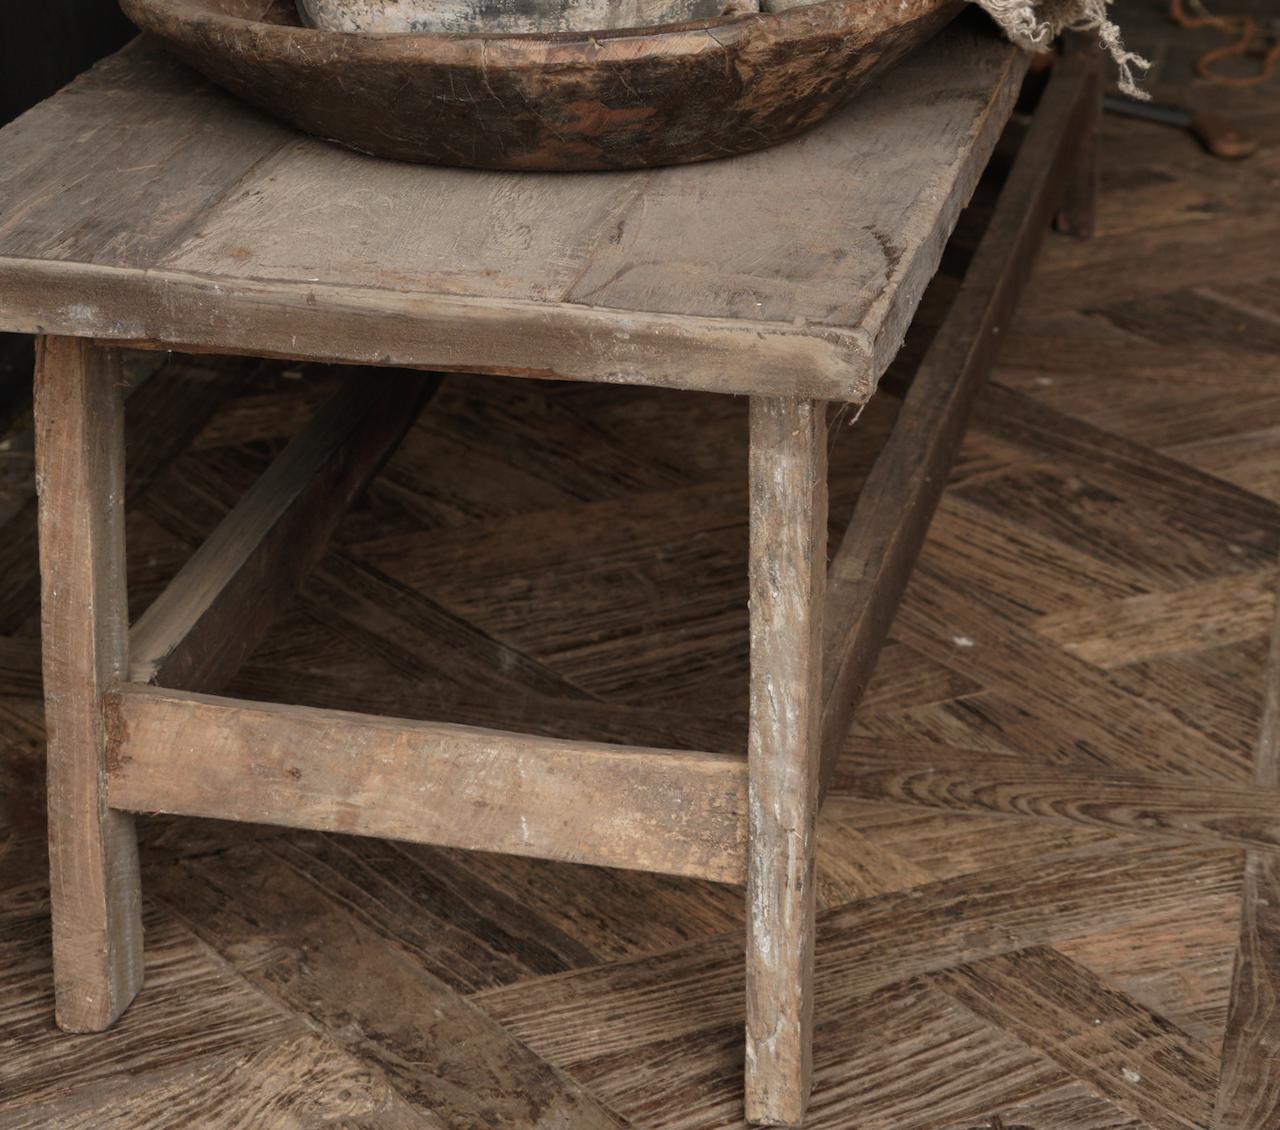 Couchtisch hergestellt in Indien aus altem gebrauchtem Holz-5